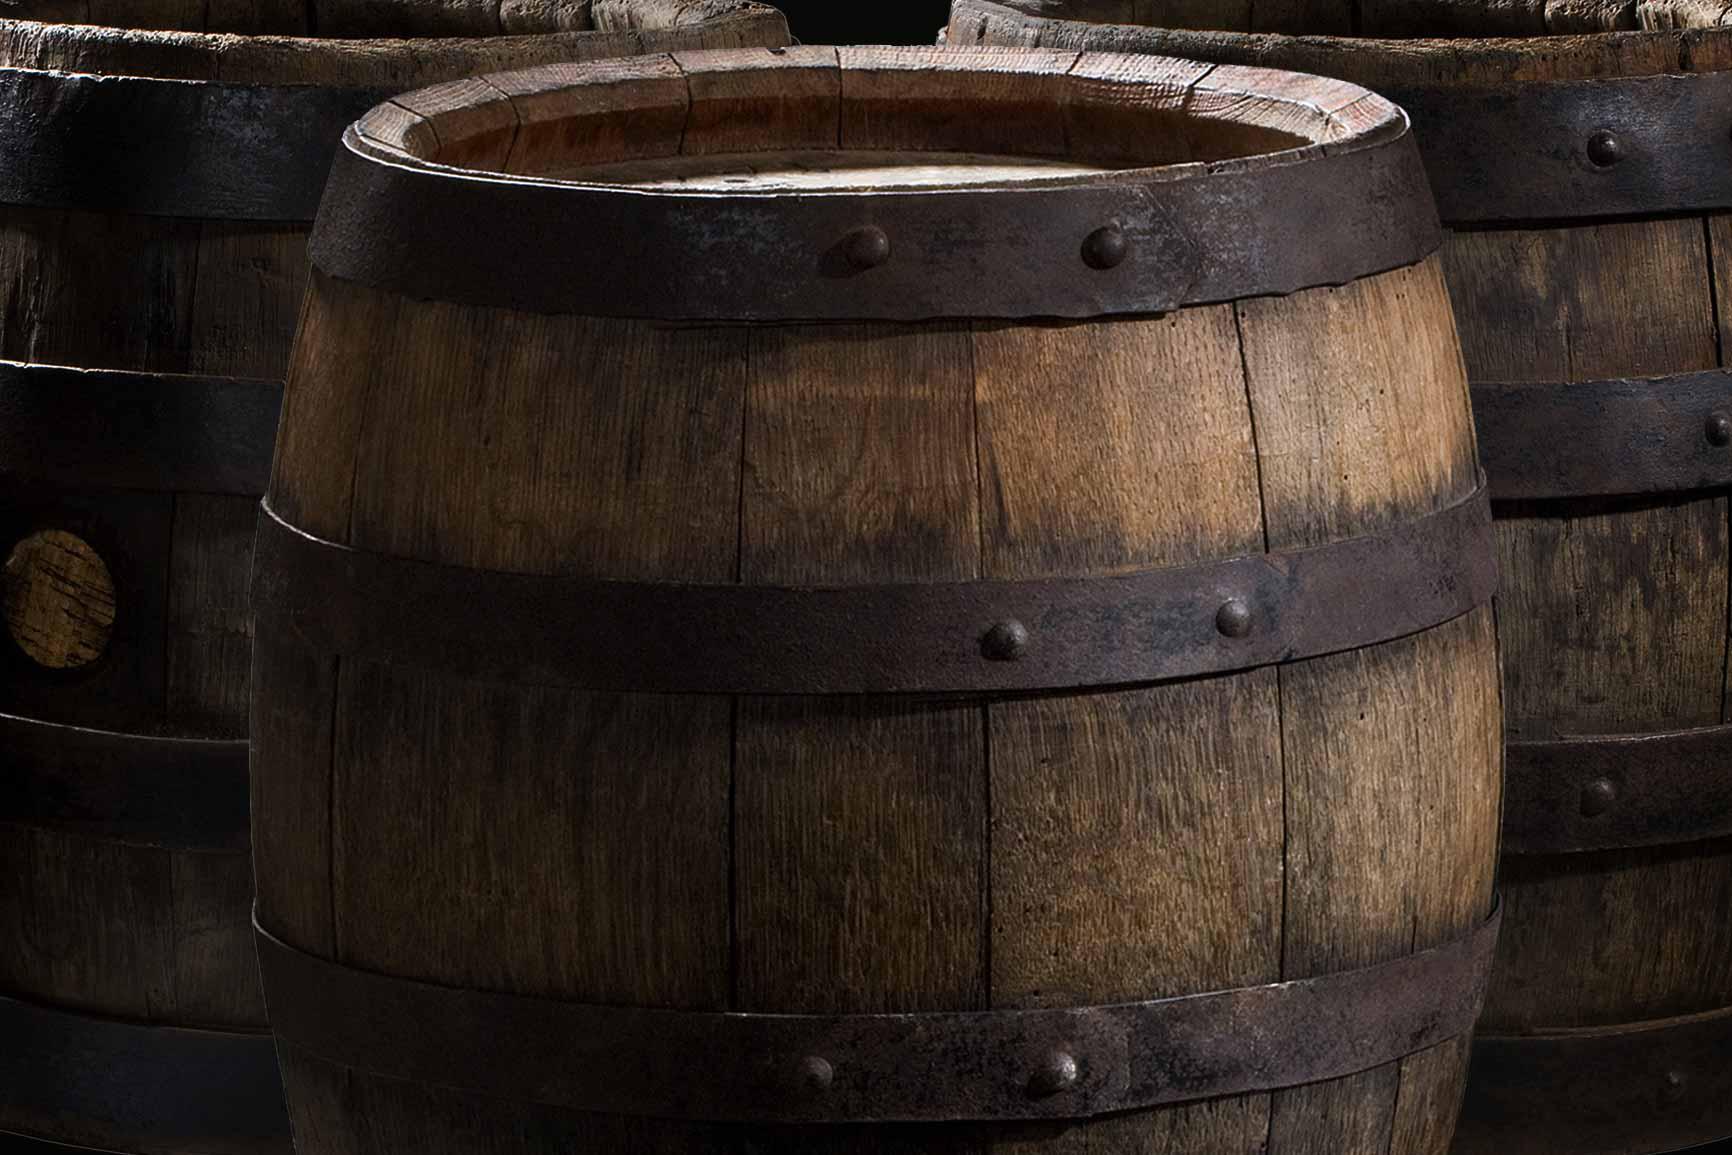 Three tuns barrels